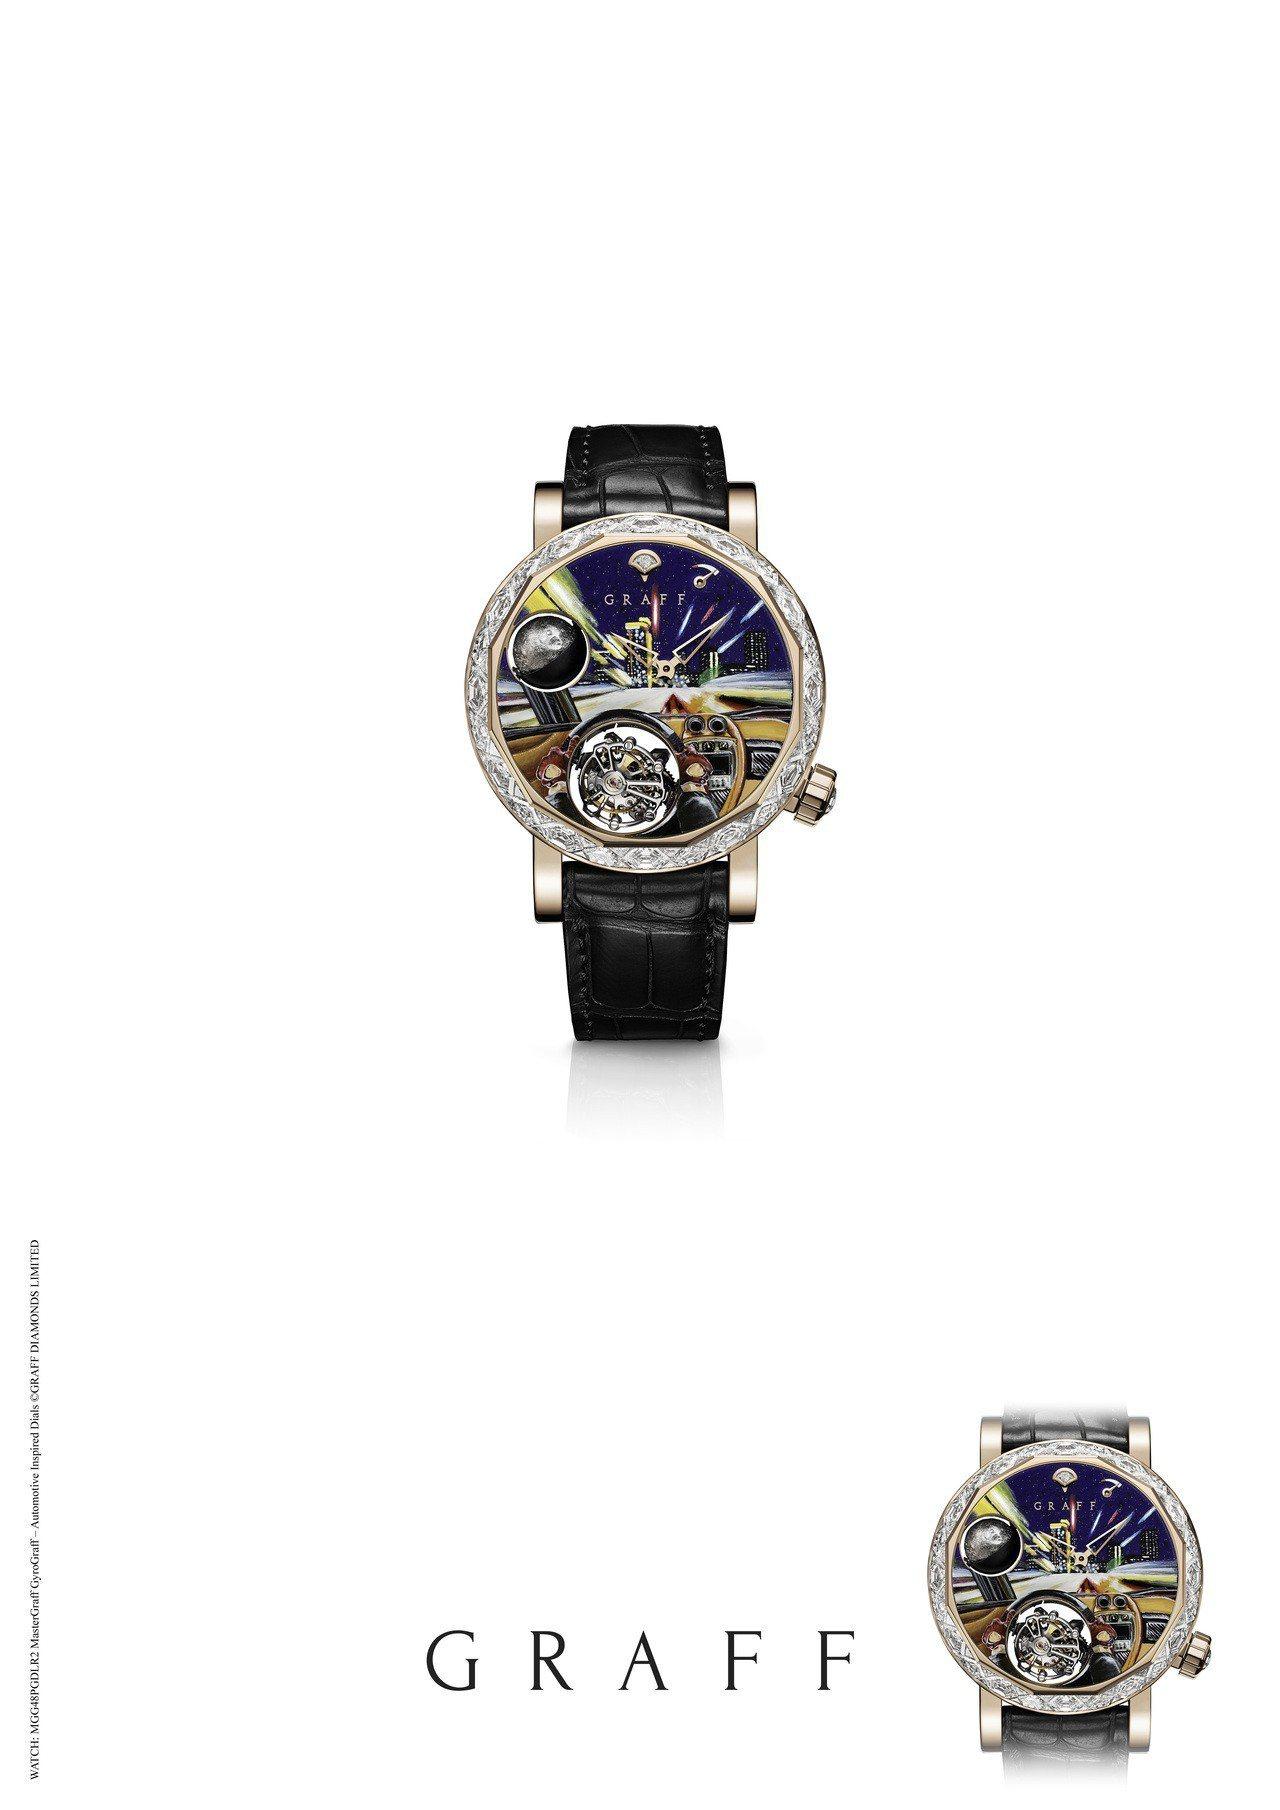 格拉夫GyroGRAFF Drive 腕表,立體球型月相顯示與雙軸陀飛輪、鑲嵌鑽...